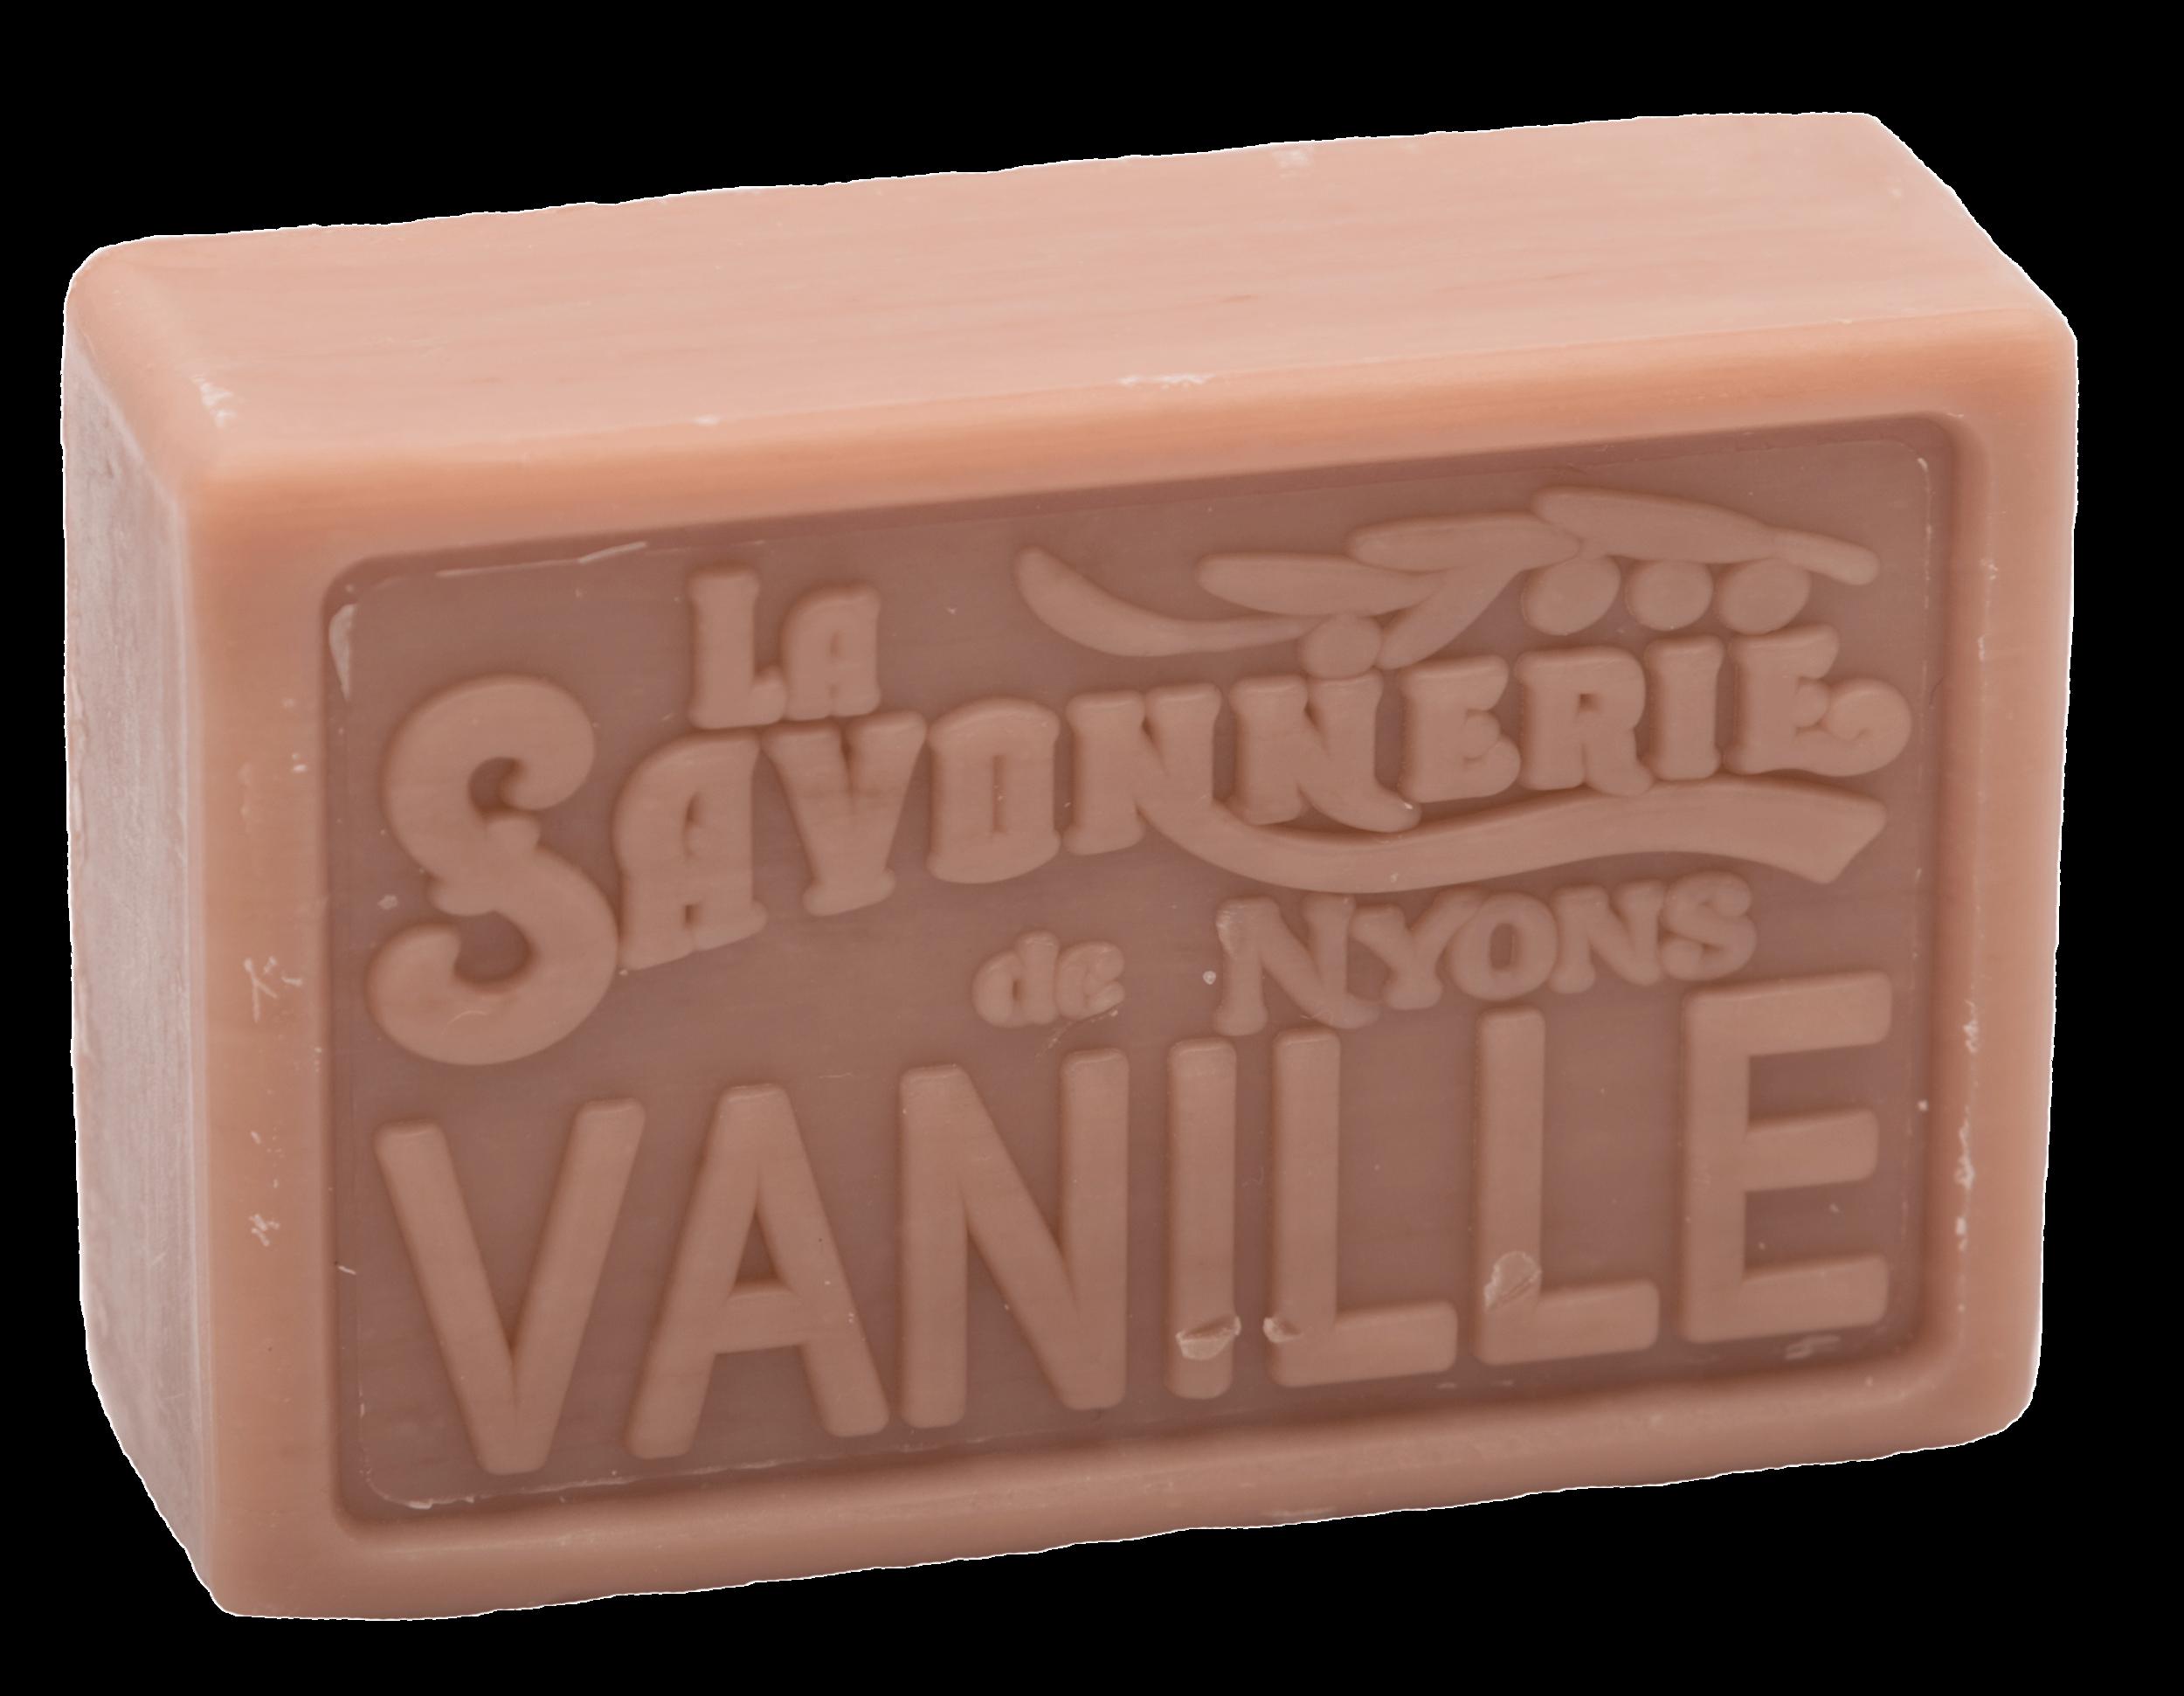 Savon Vanille 100 g